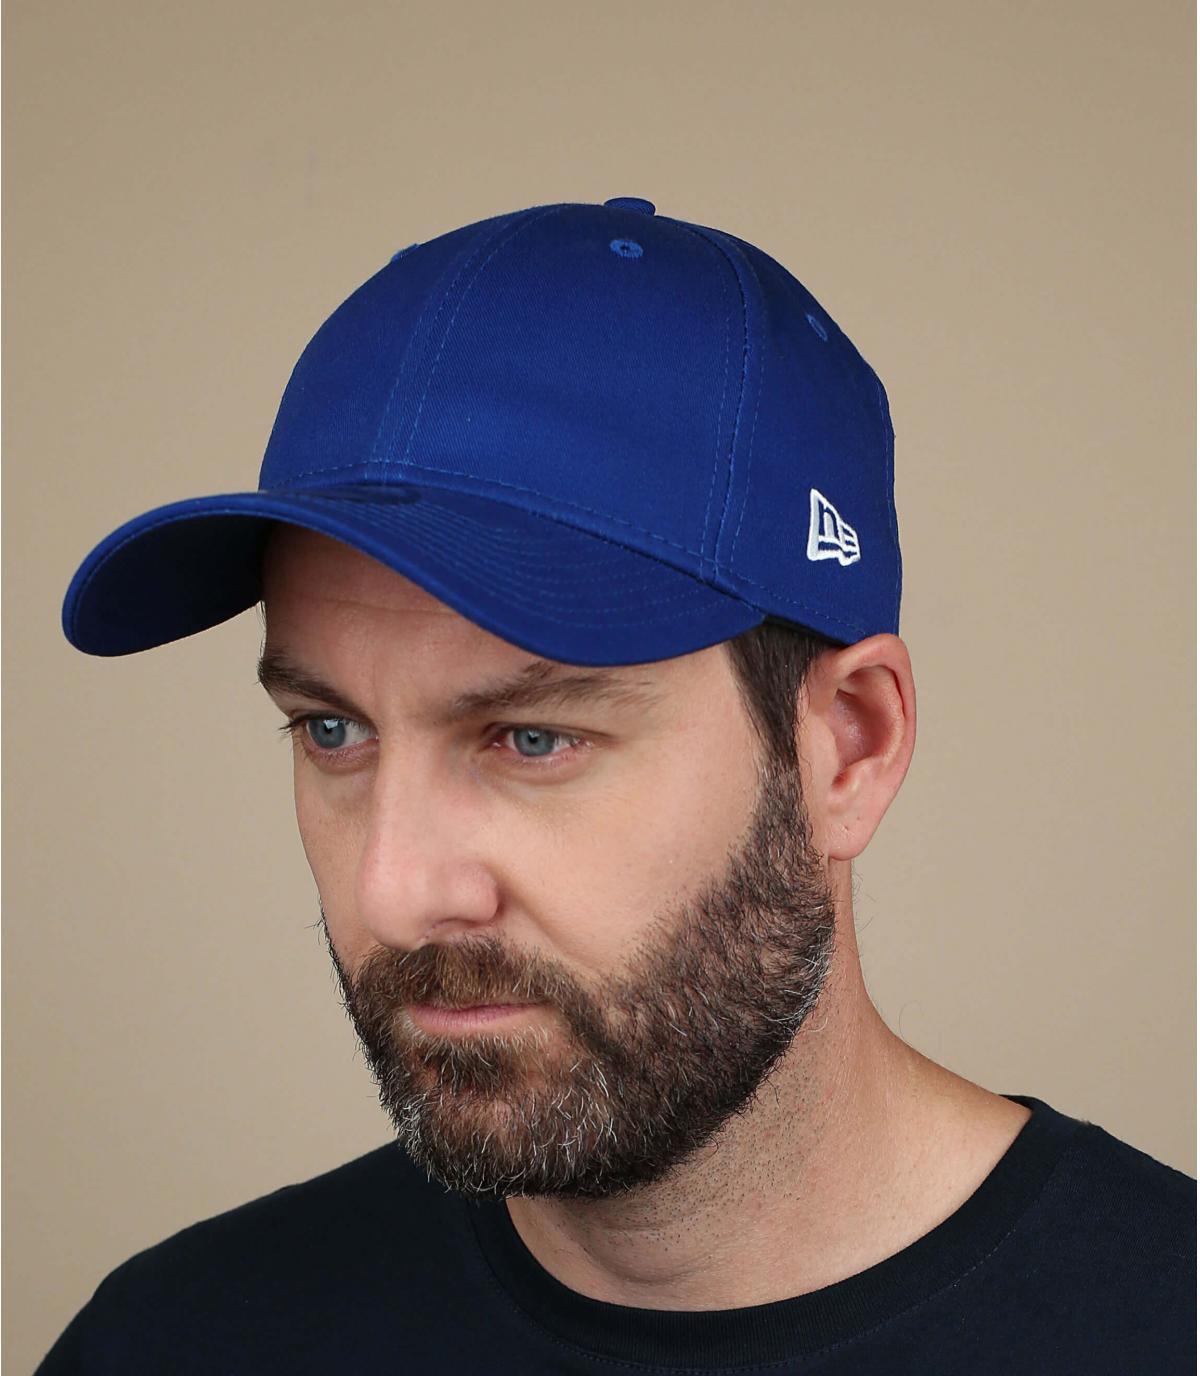 New Era royal blue cap